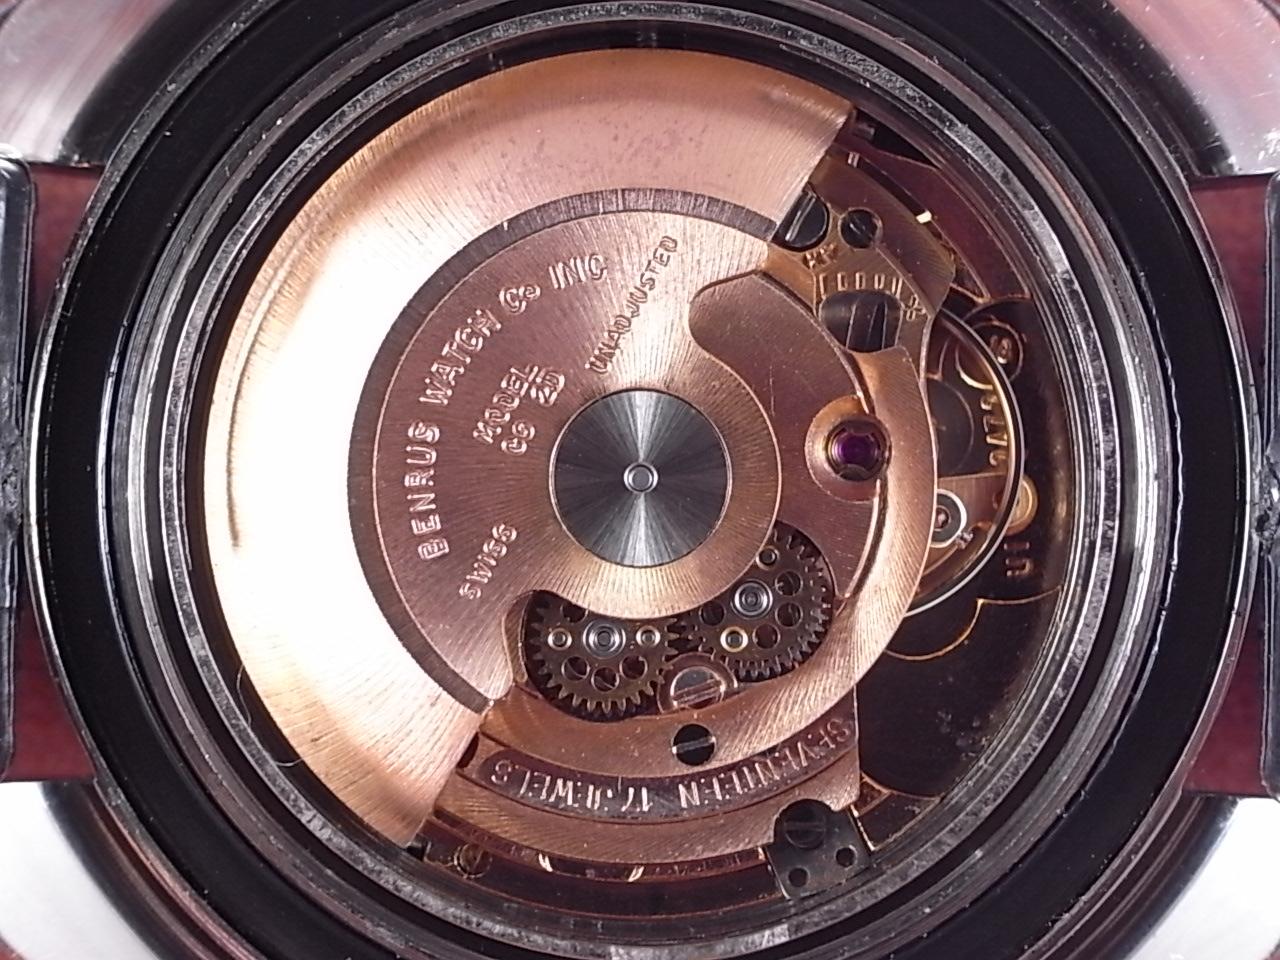 ベンラス ウルトラディープ ダイバーズウォッチ トノーケース 1970年代の写真5枚目